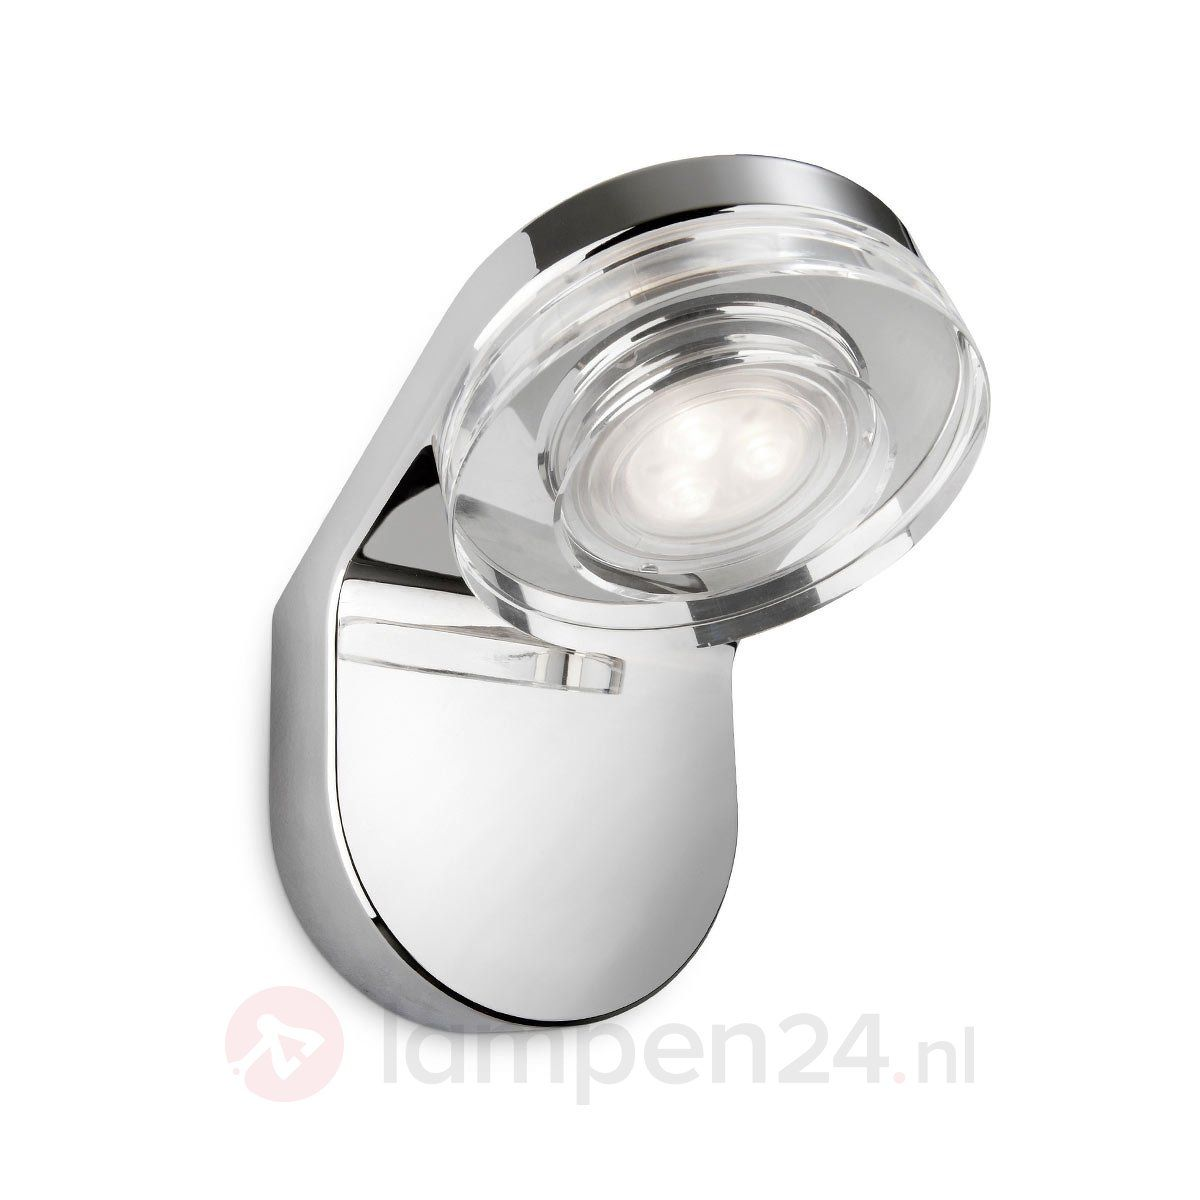 Badkamer wandlamp Mira met LED\'s   Studio